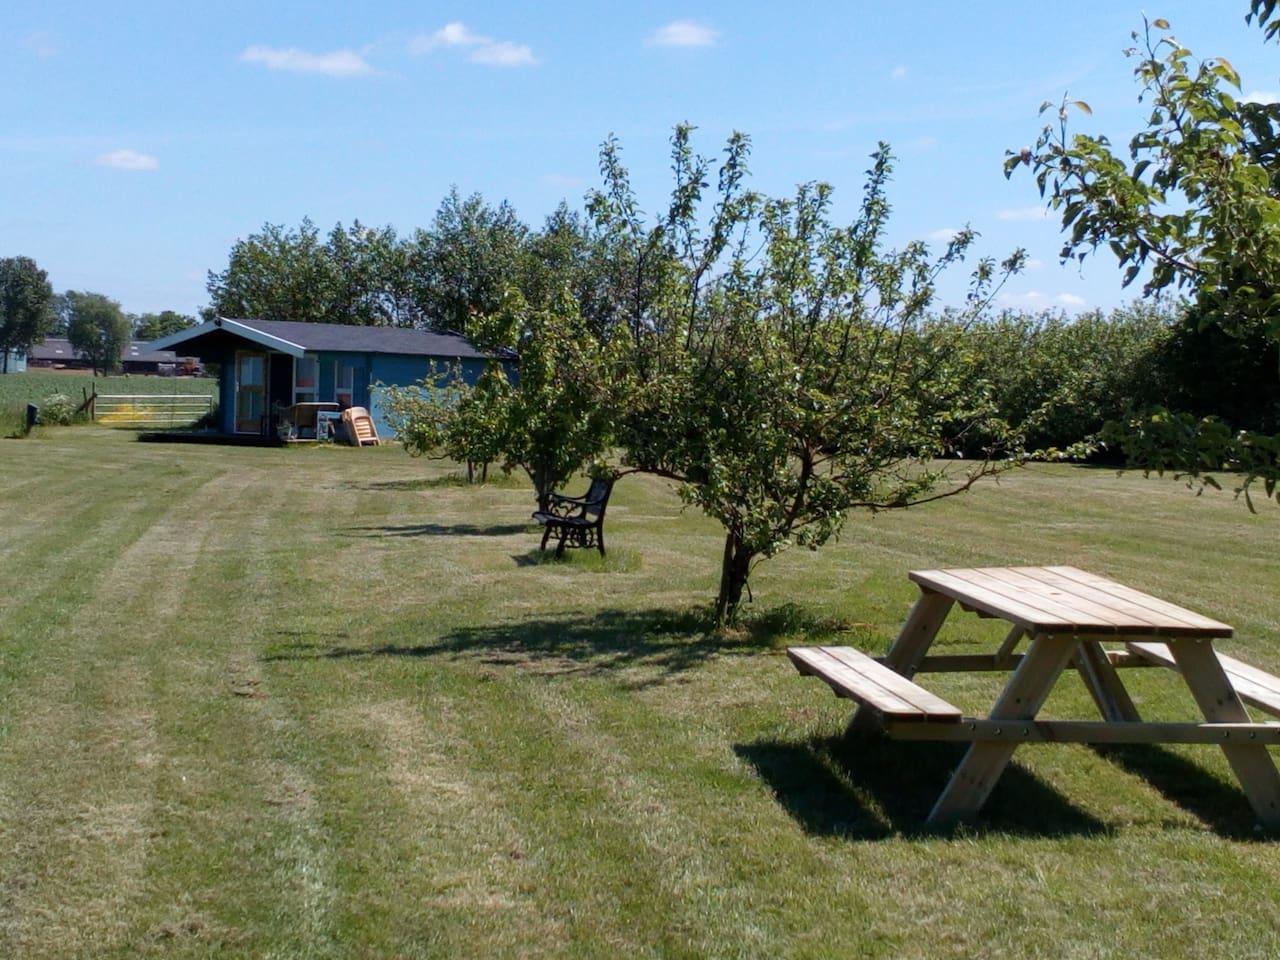 Lekker picknicken op het open terrein , op de nieuwe picknick bank.